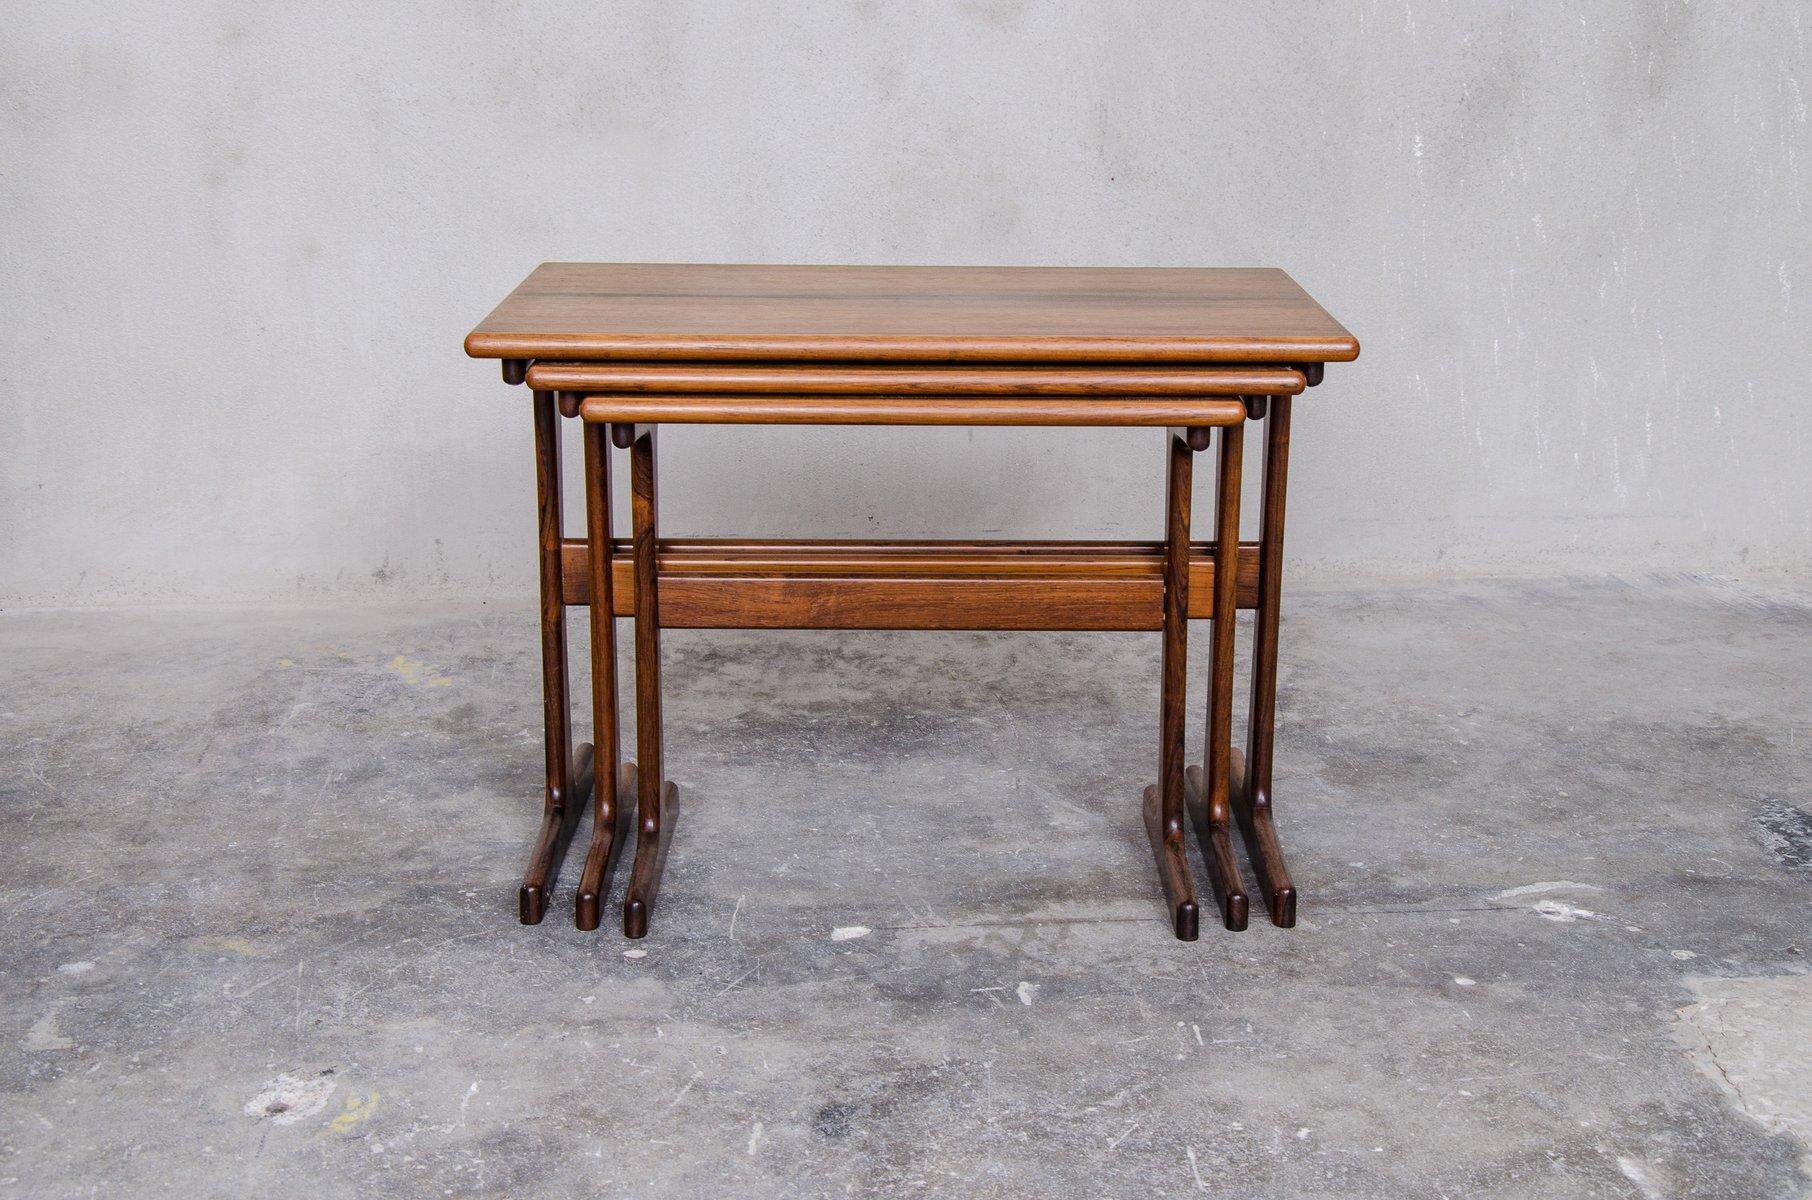 Vintage Nesting Tables ~ Vintage nesting tables by kai kristiansen for vildbjerg